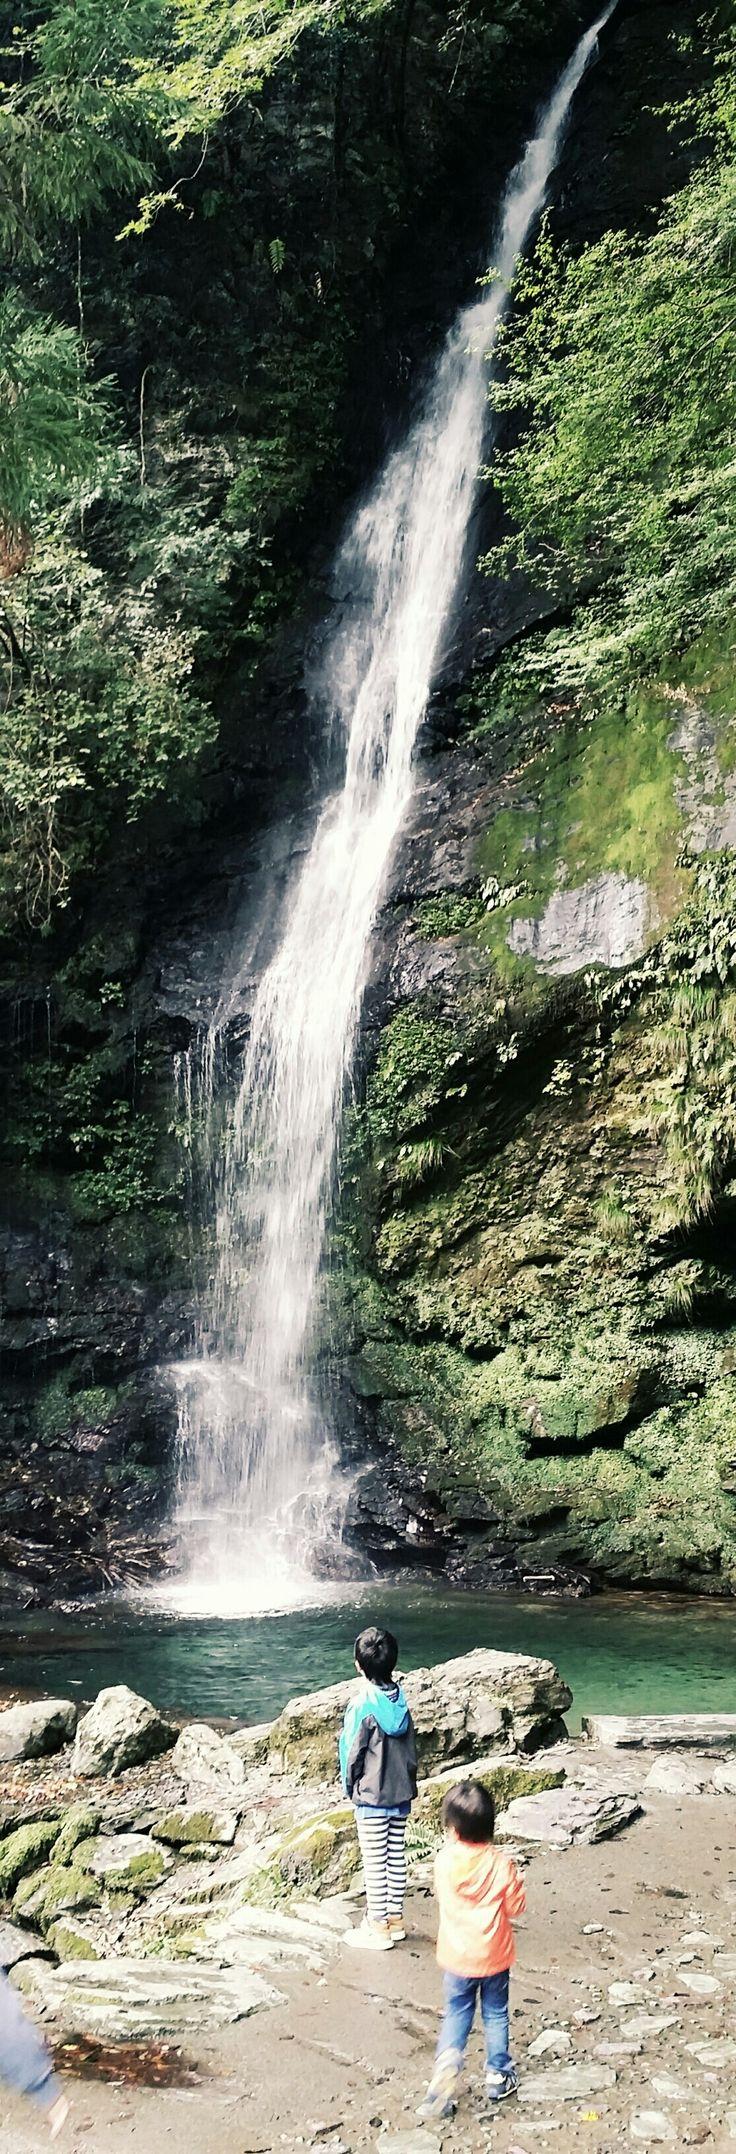 #滝 #祖谷かずら橋 #琵琶の滝